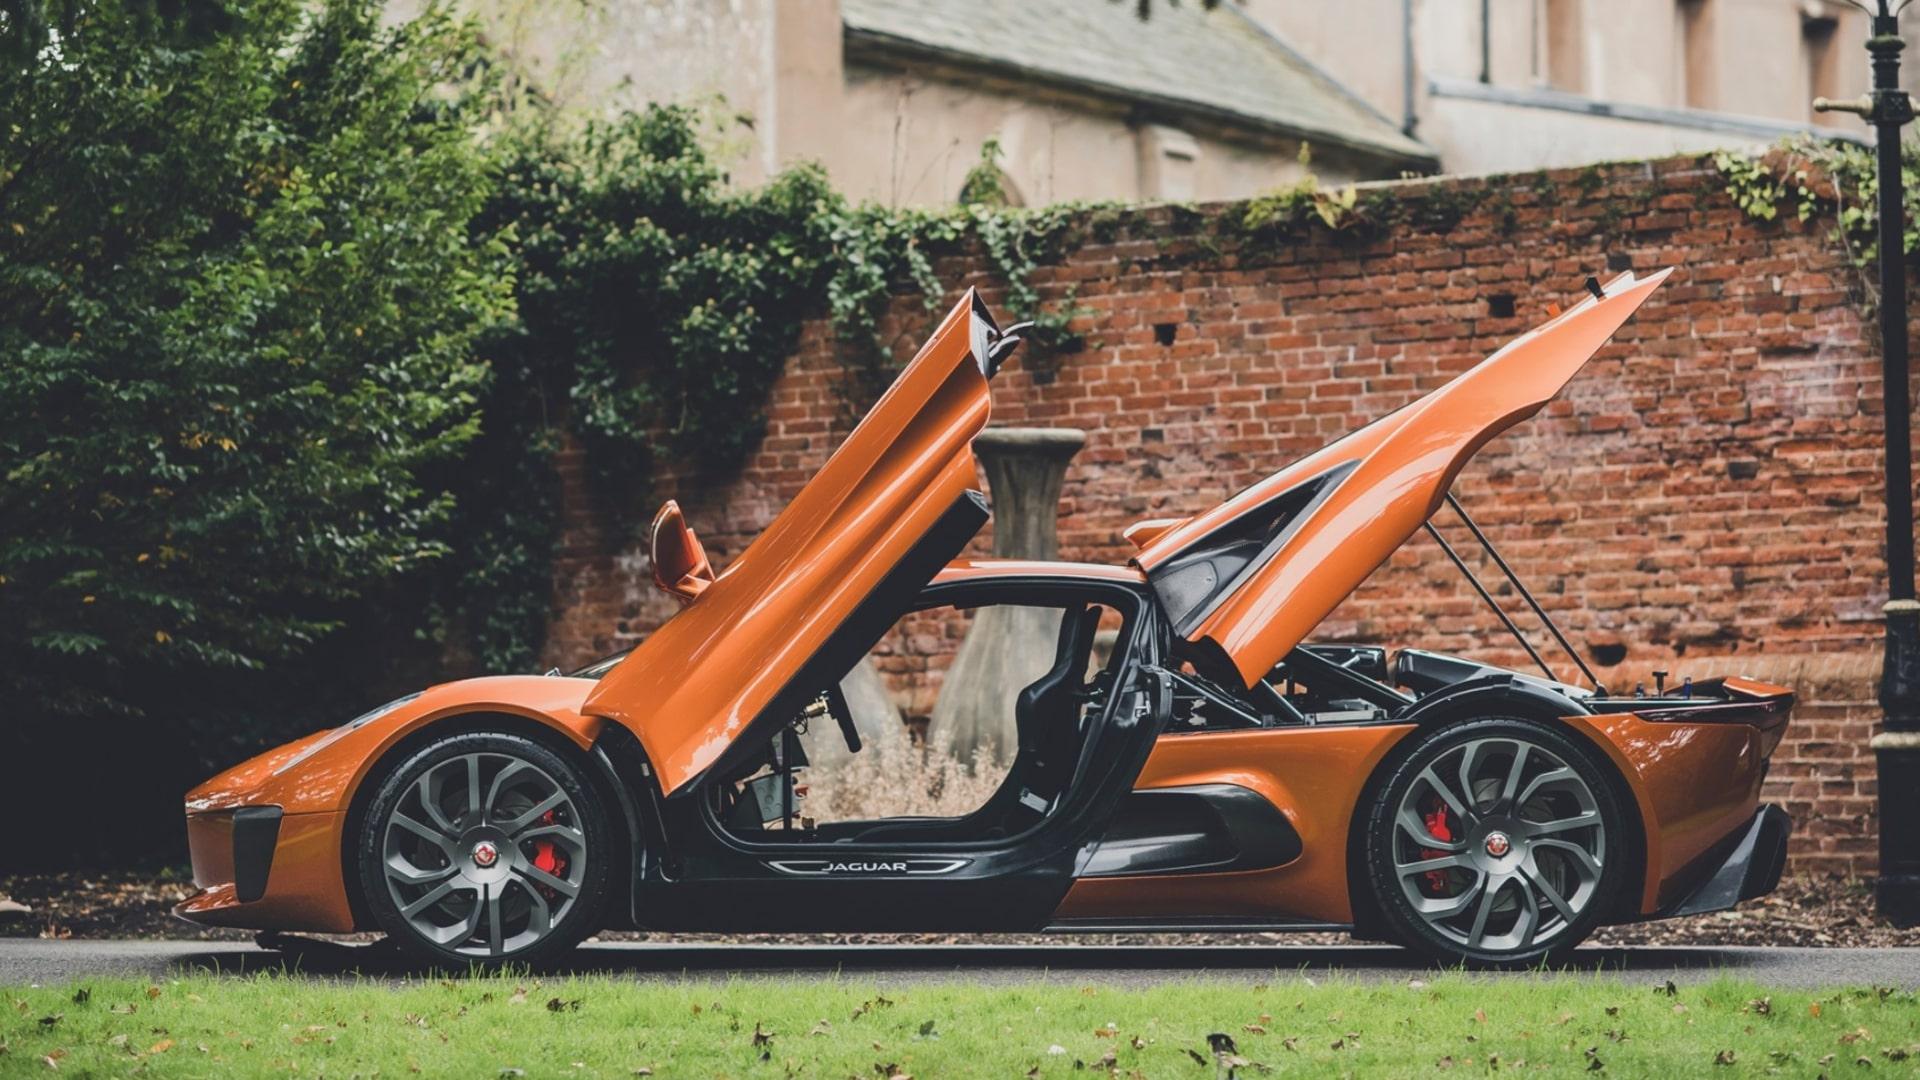 James Bond spectre Jaguar sale